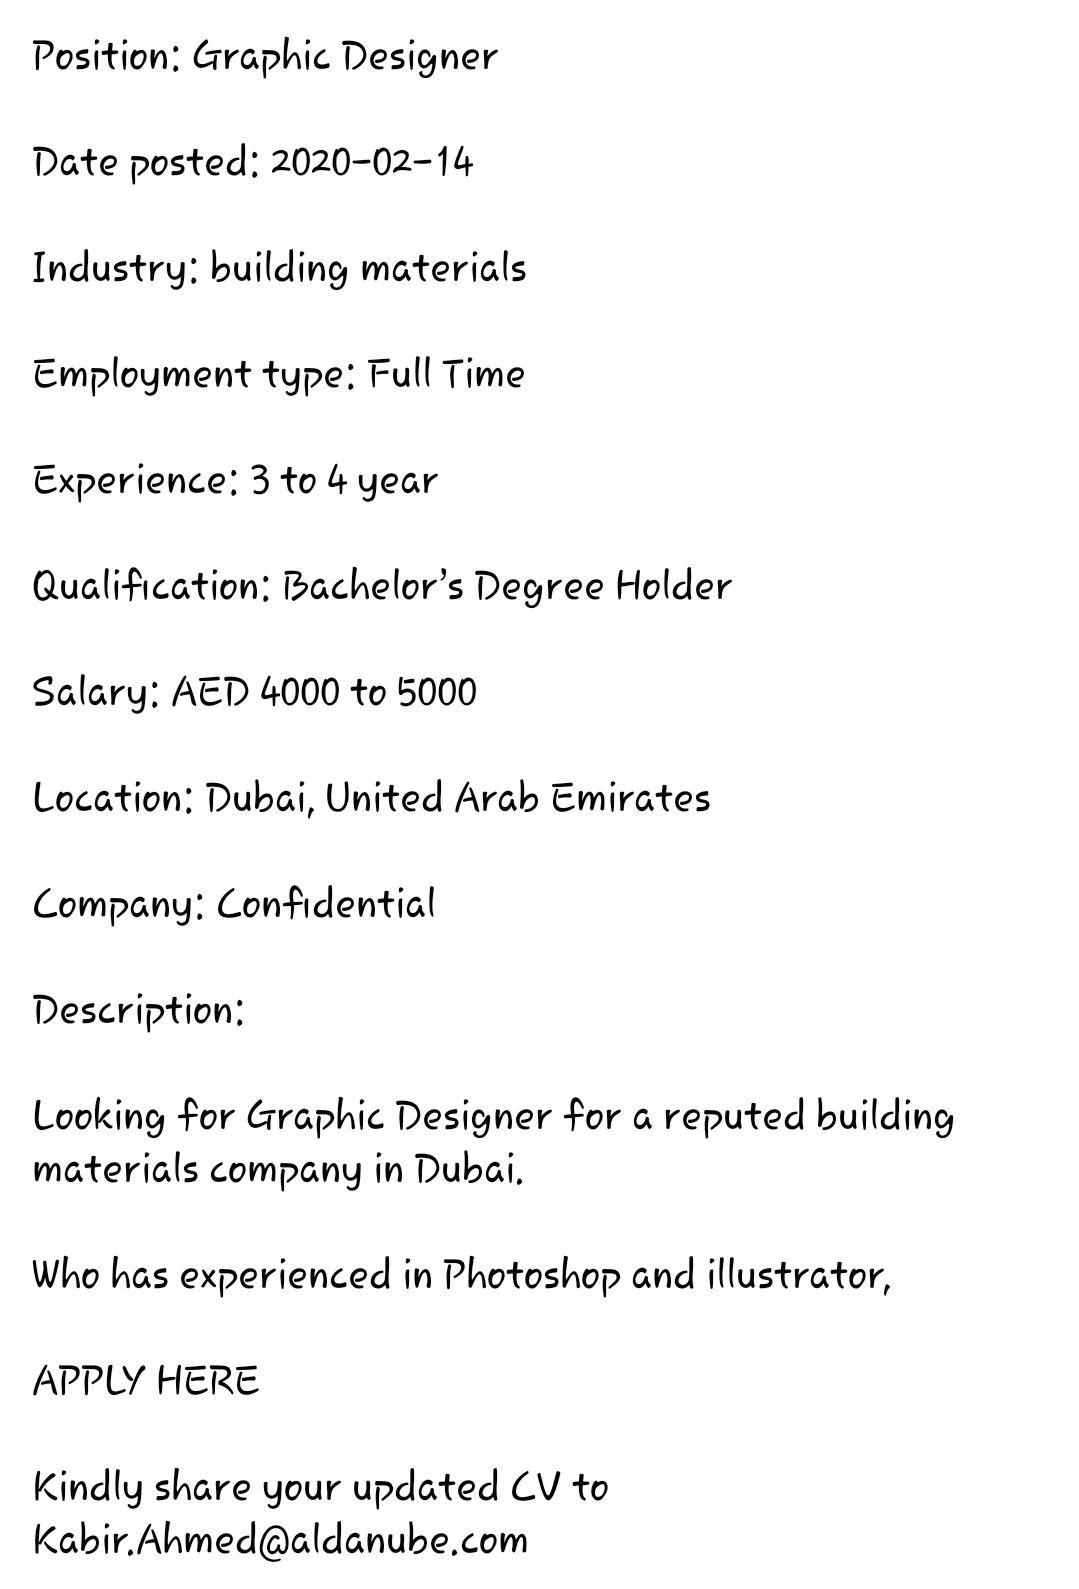 Graphic Designer Job In Uae Https Ift Tt 2sj4yme In 2020 Graphic Designer Job Graphic Design Job